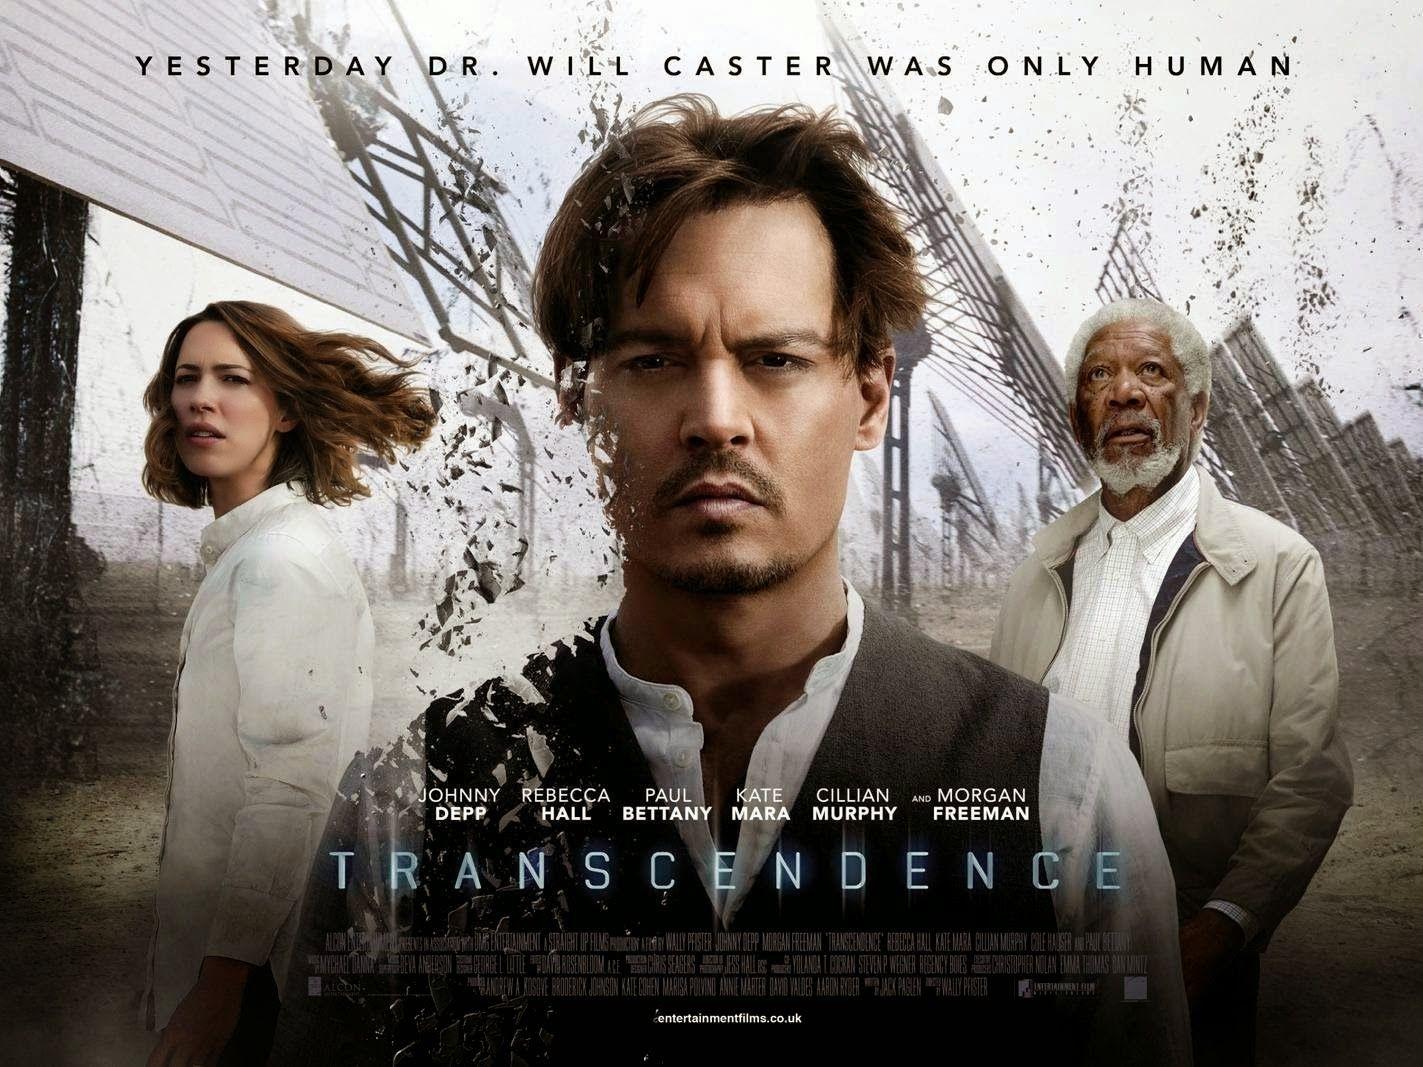 Transcendence Ciencia Ficción Con Jhonny Depp Como Protagonista Películas De Johnny Depp Cine Peliculas Divertidas